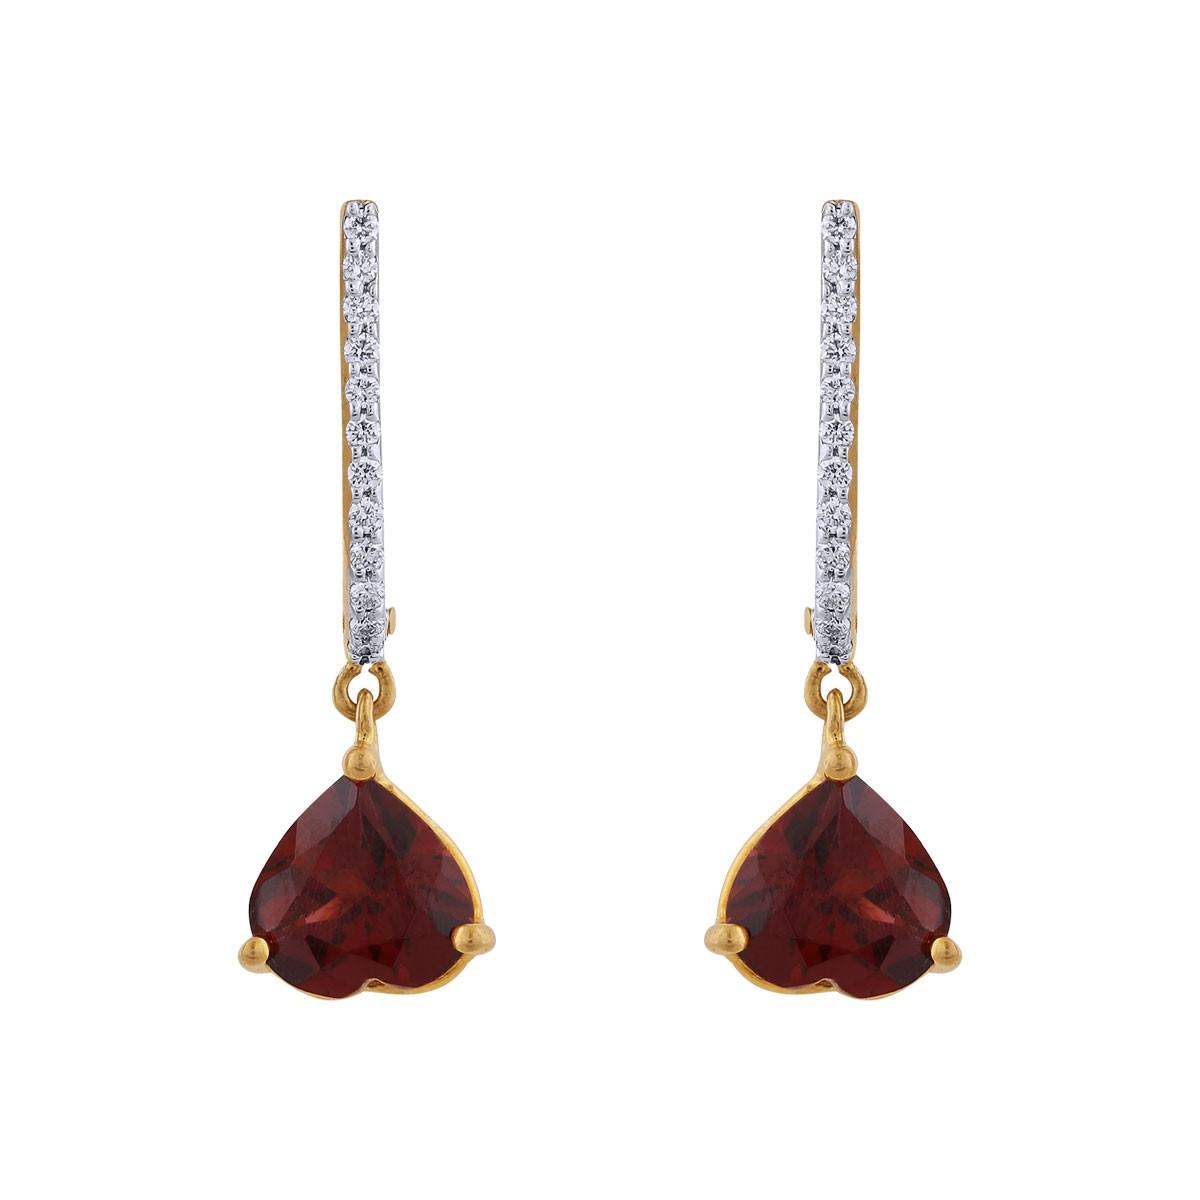 Alexa Diamond & Garnet Dangler Earrings